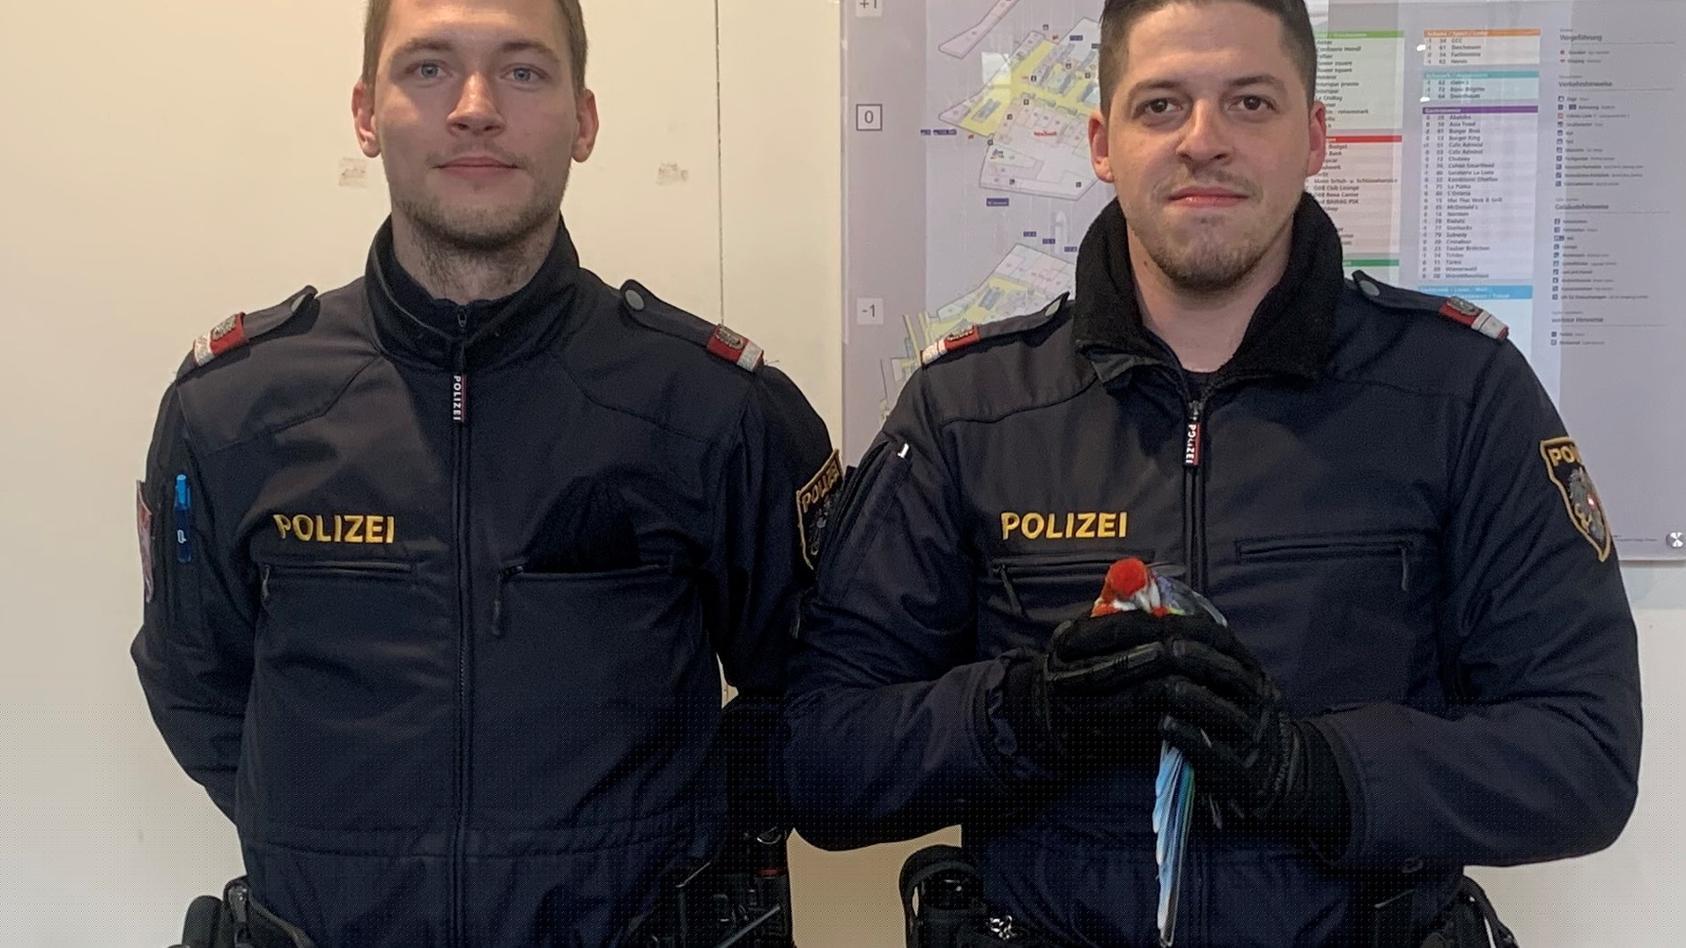 Hatten Erfolg als Vogelfänger: Zwei Polizisten retteten  einen Papagei am Wiener Hauptbahnhof